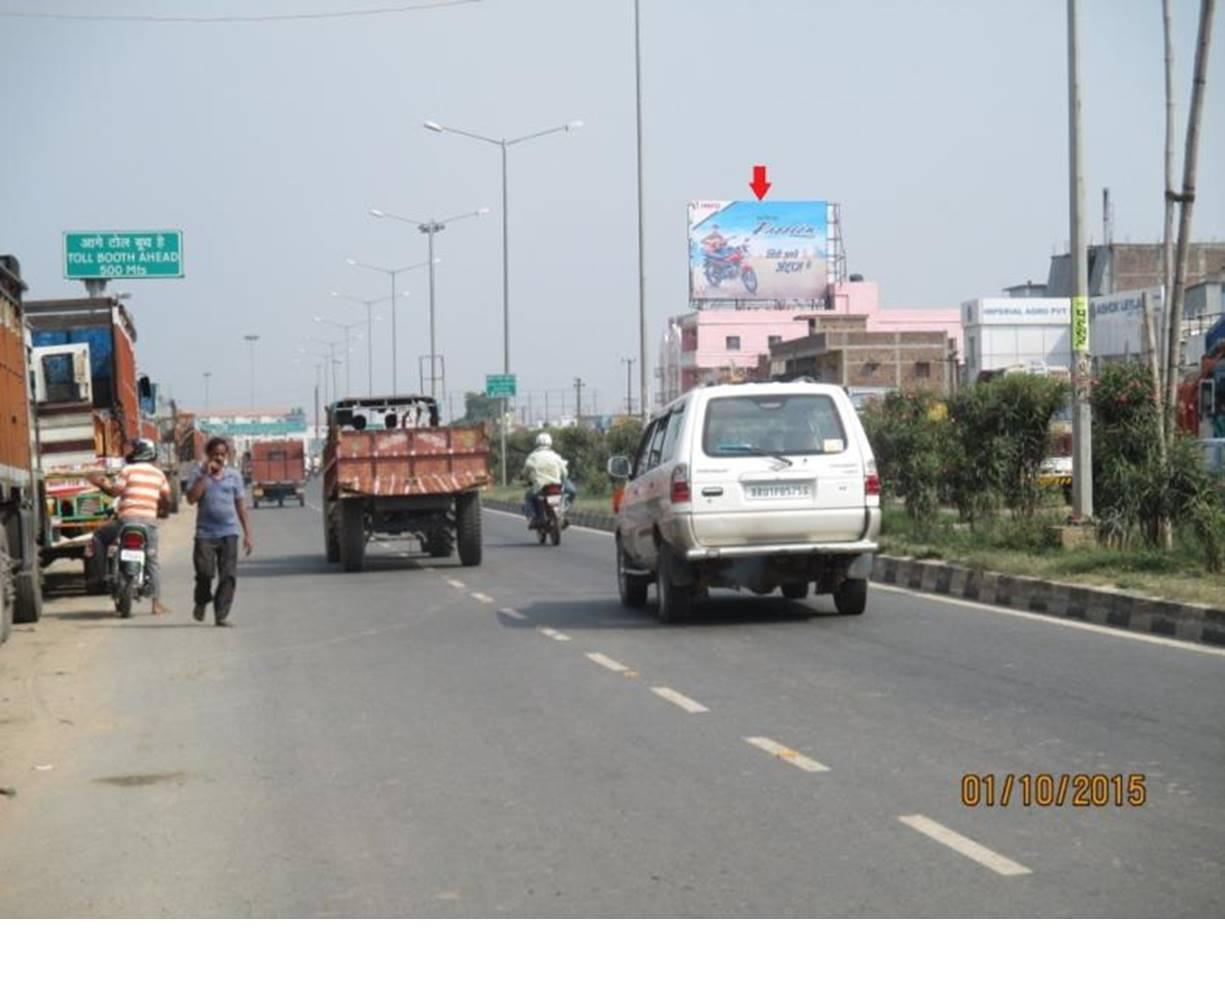 Nr. Toll Plaza, Patna